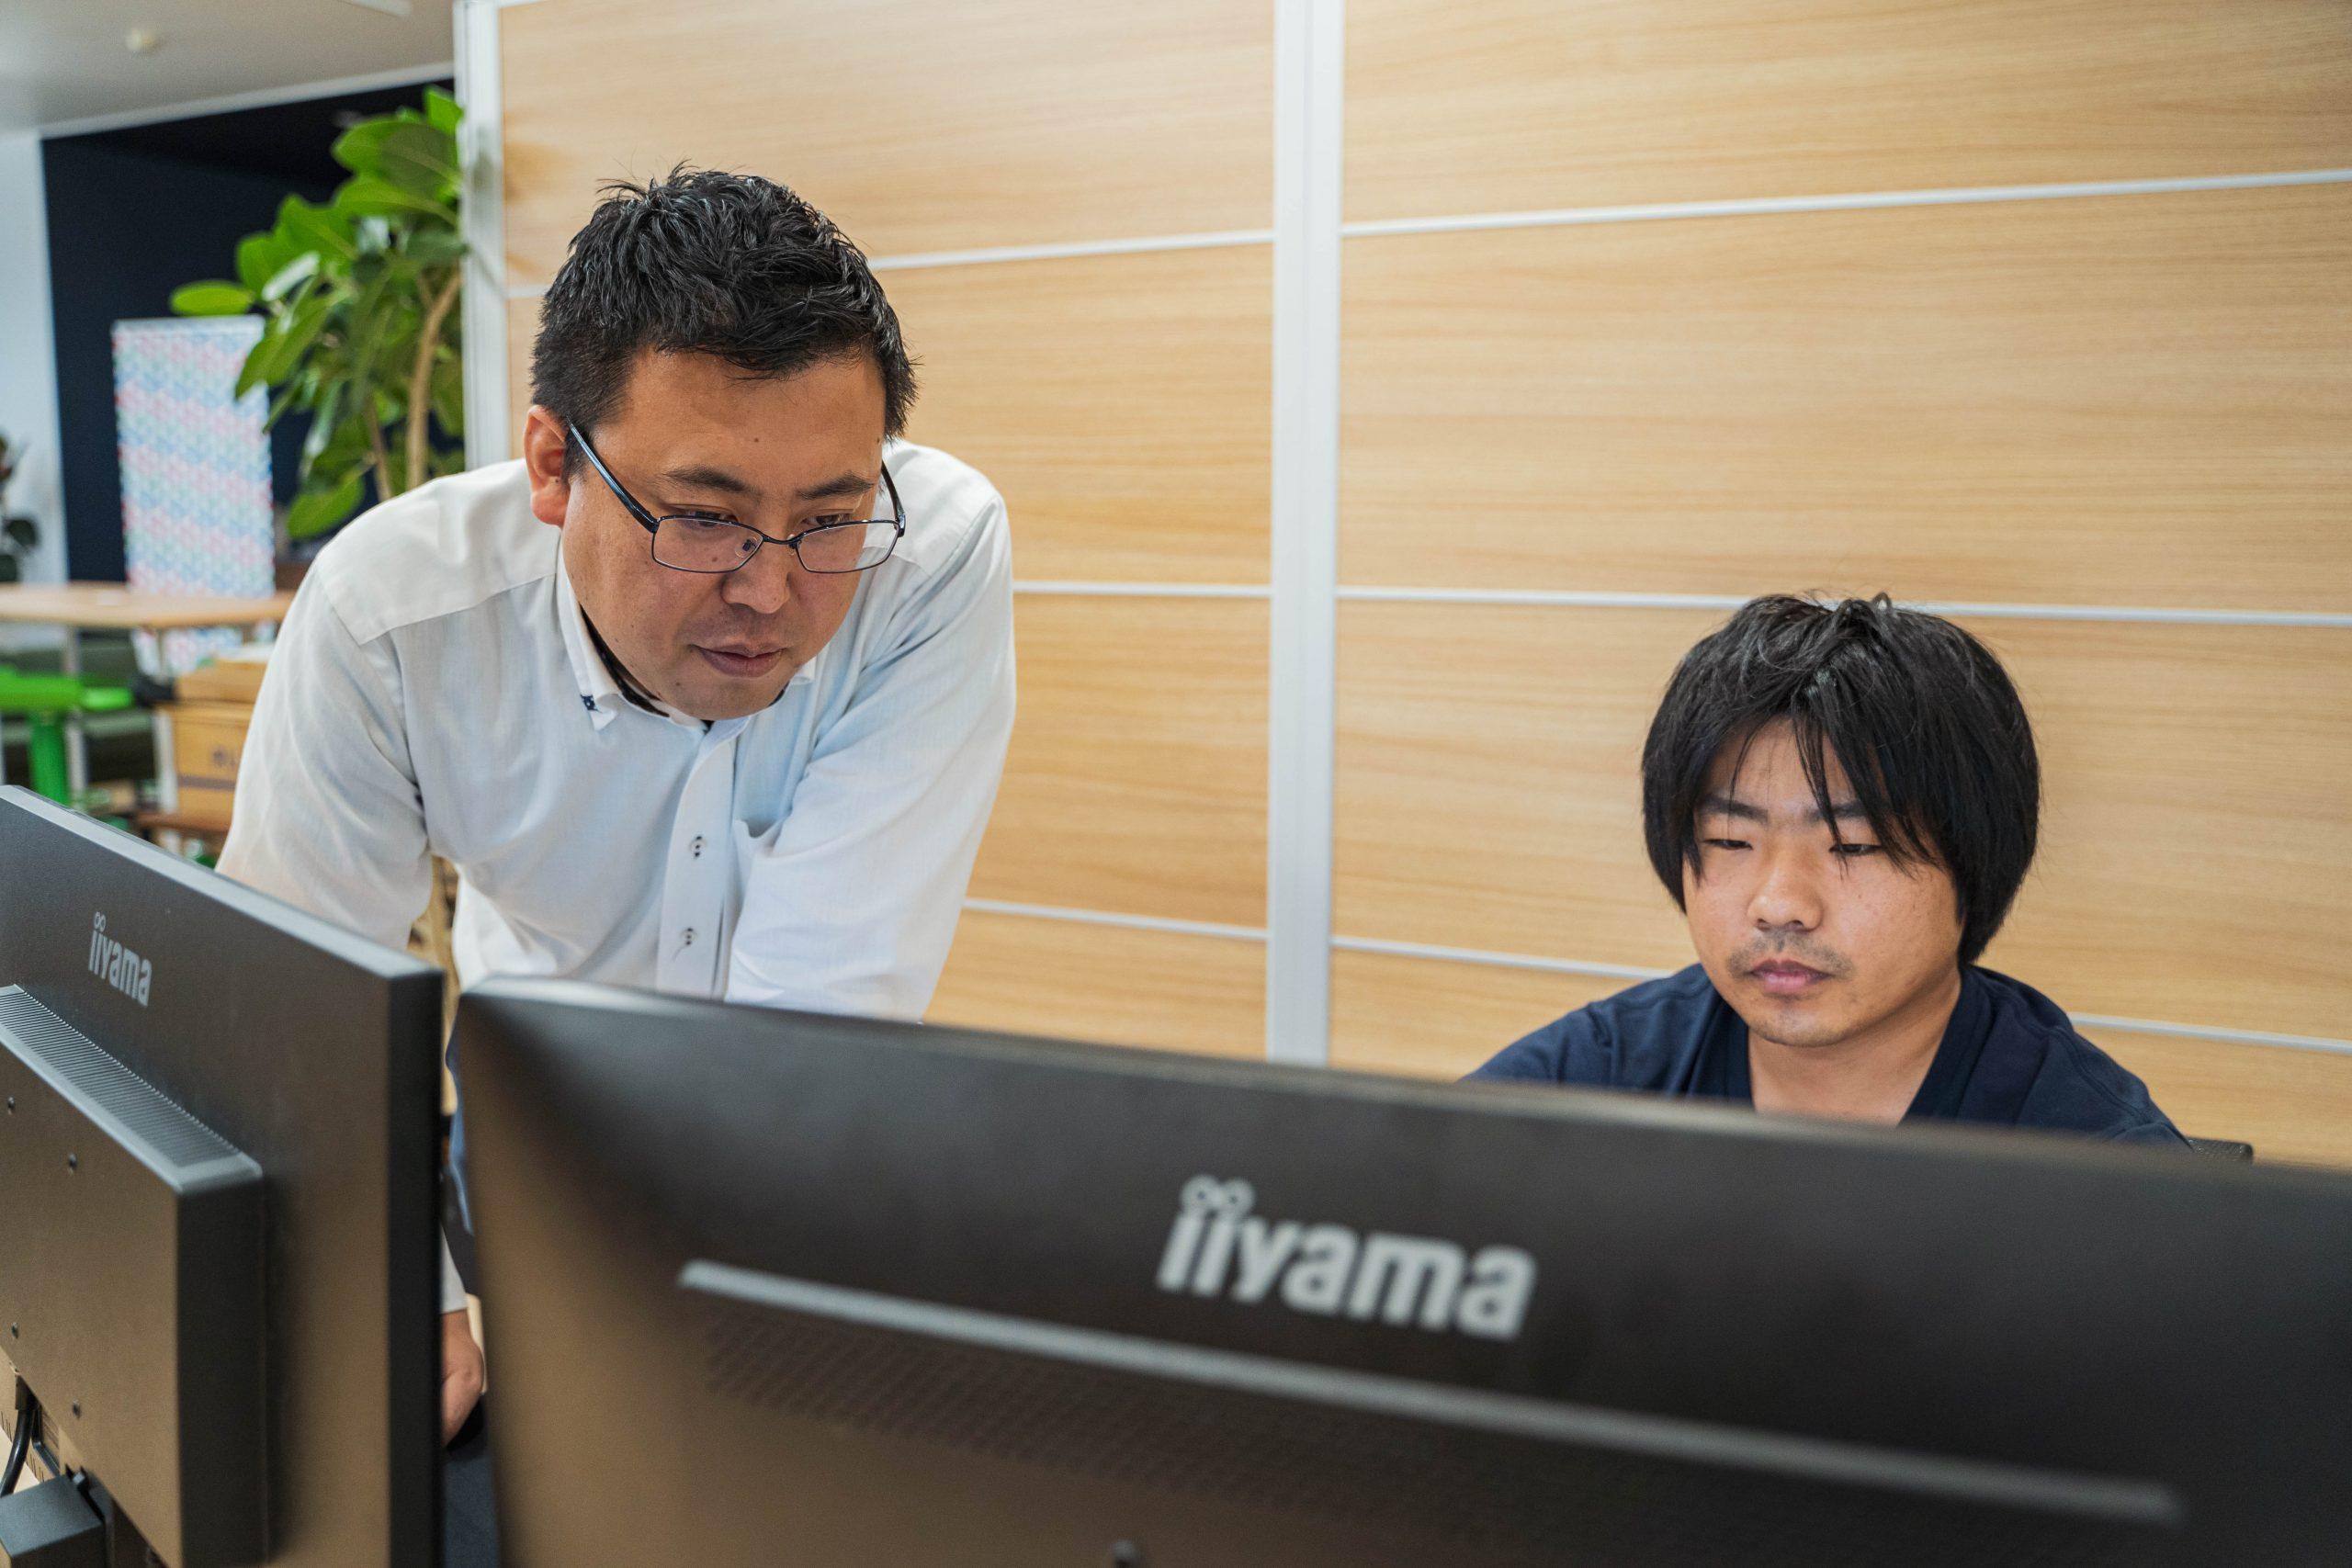 開発ラボとは別のオフィスではデータ分析を実施